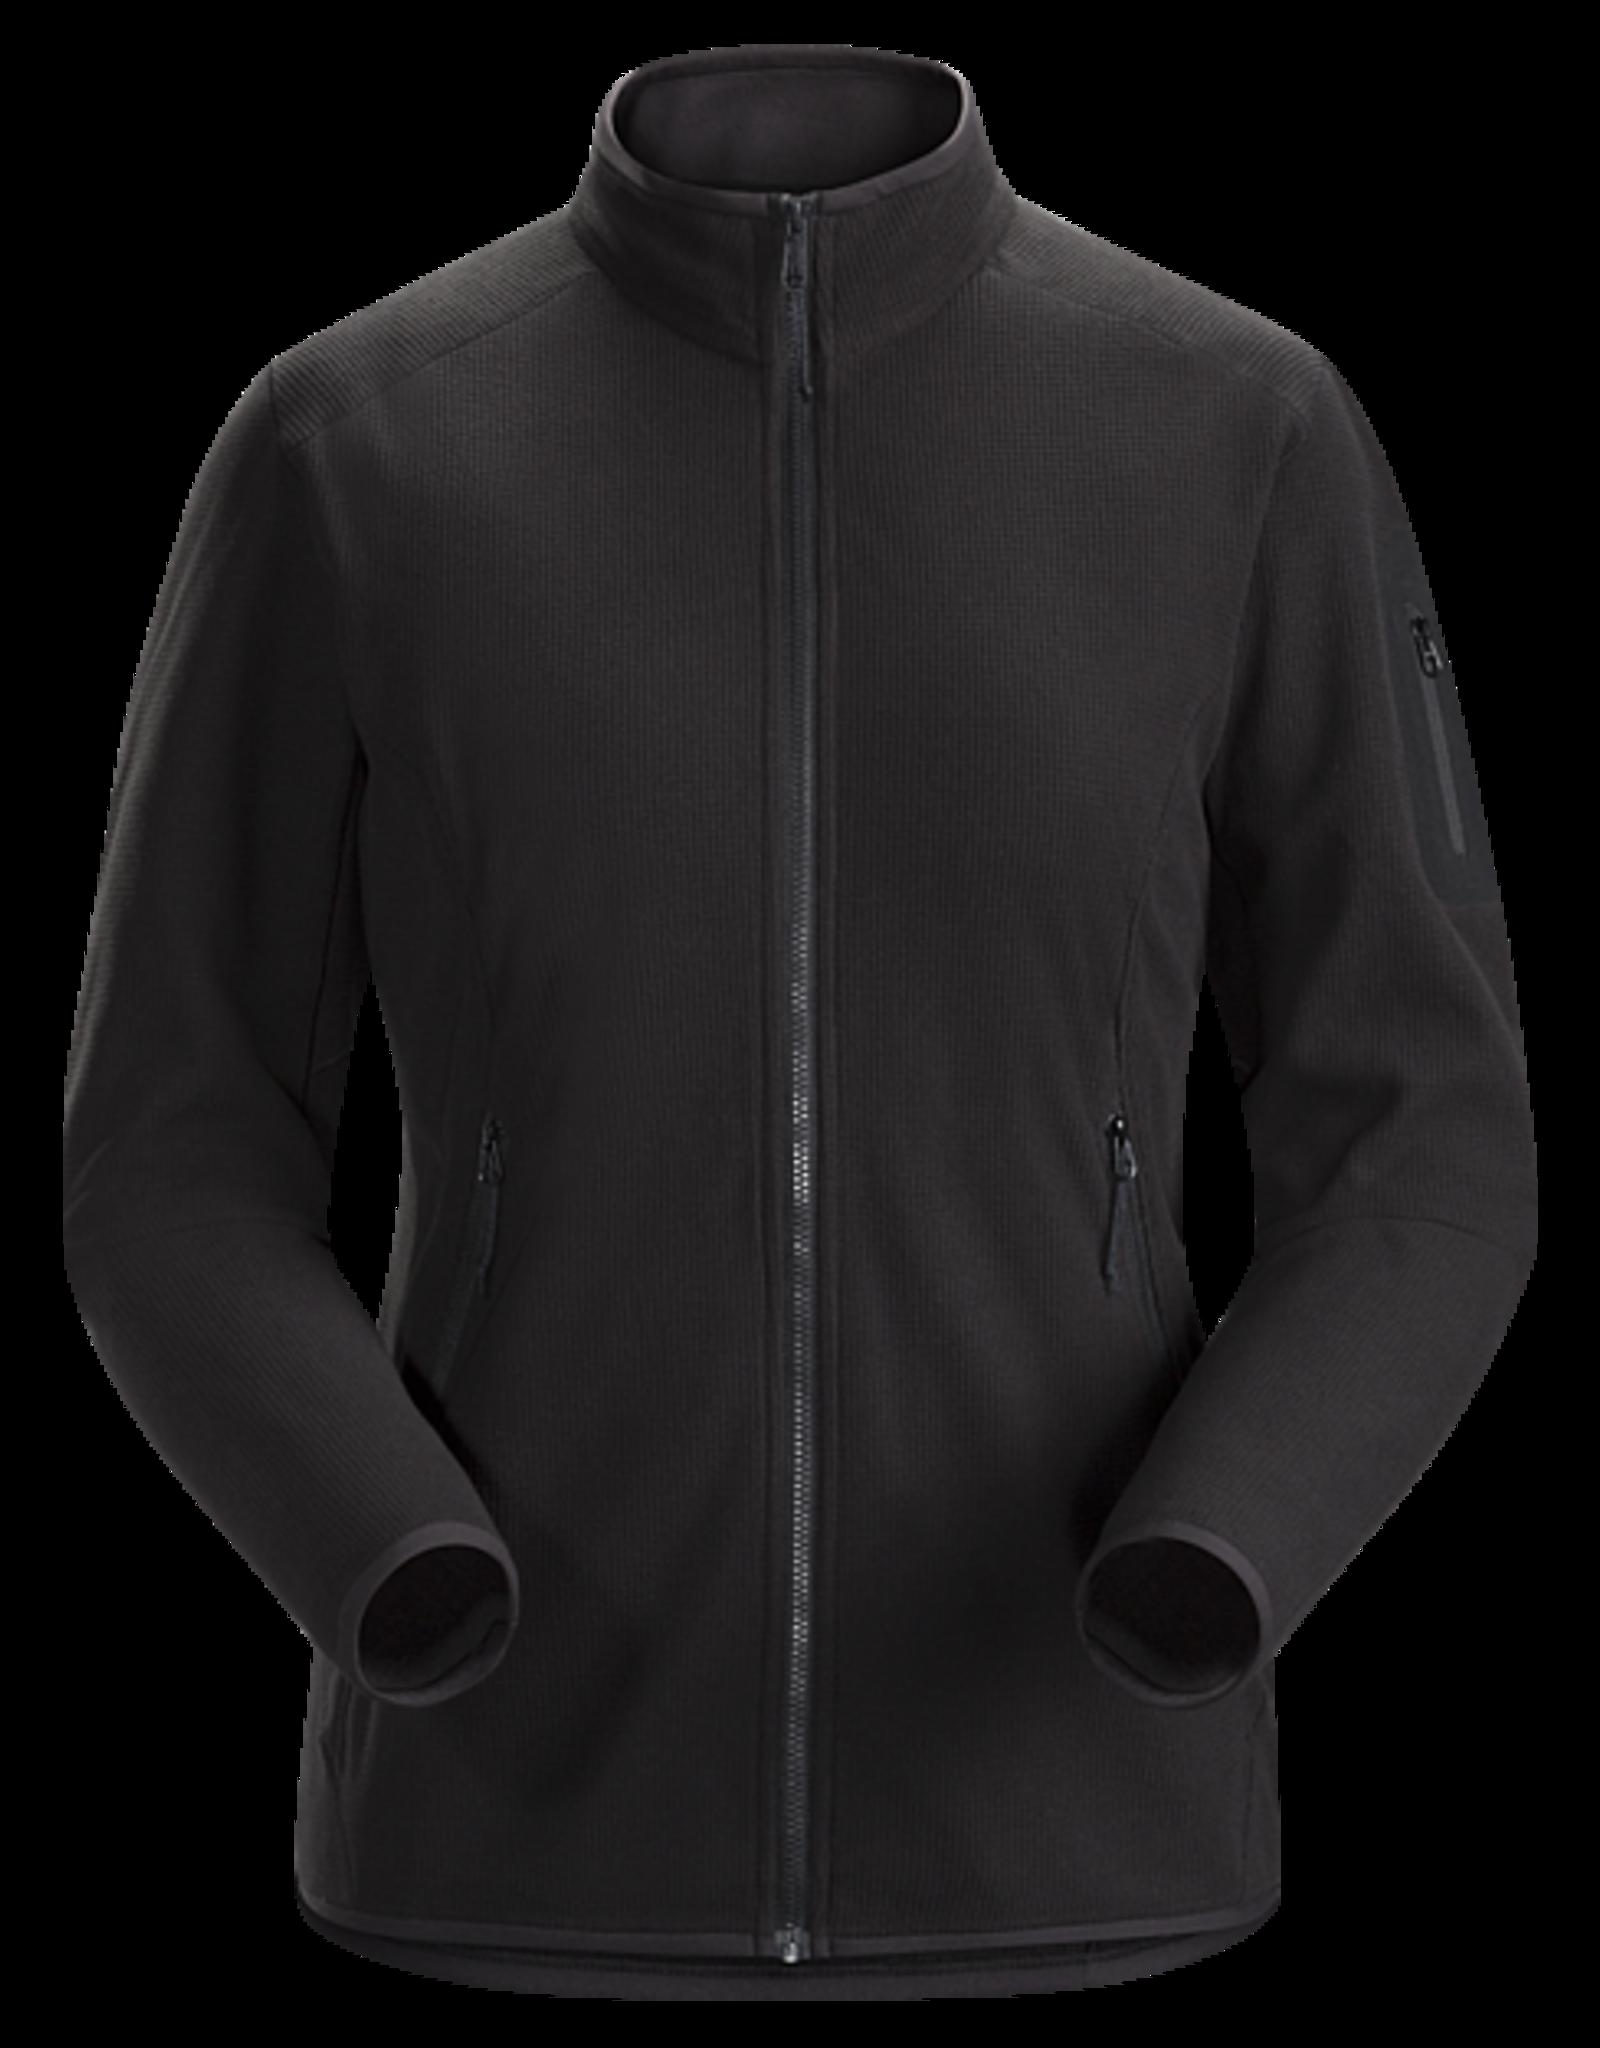 Arc'teryx Arc'teryx Women's Delta LT Jacket